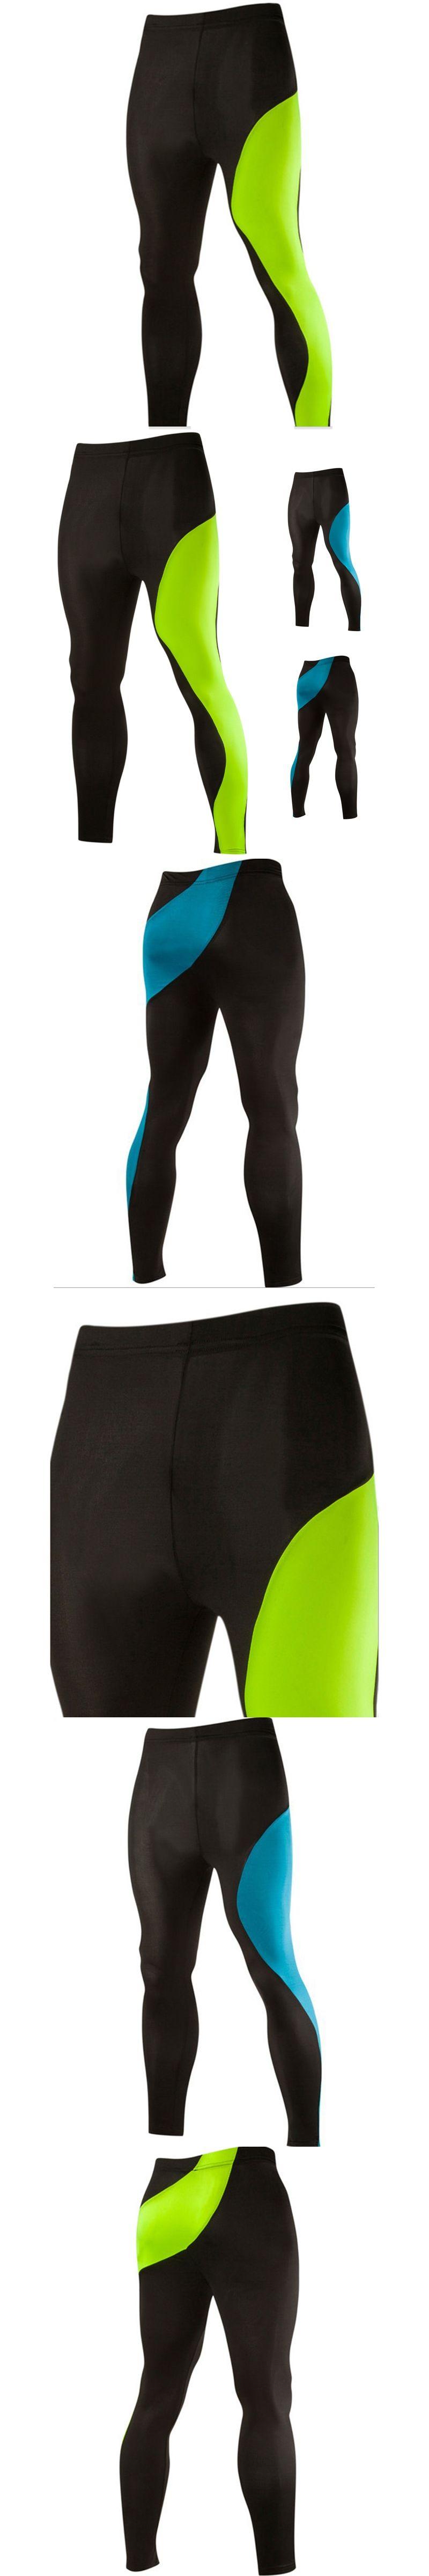 Skinny Men Sport Pants Athletic Slim Fitted Running Menus Pants Gym